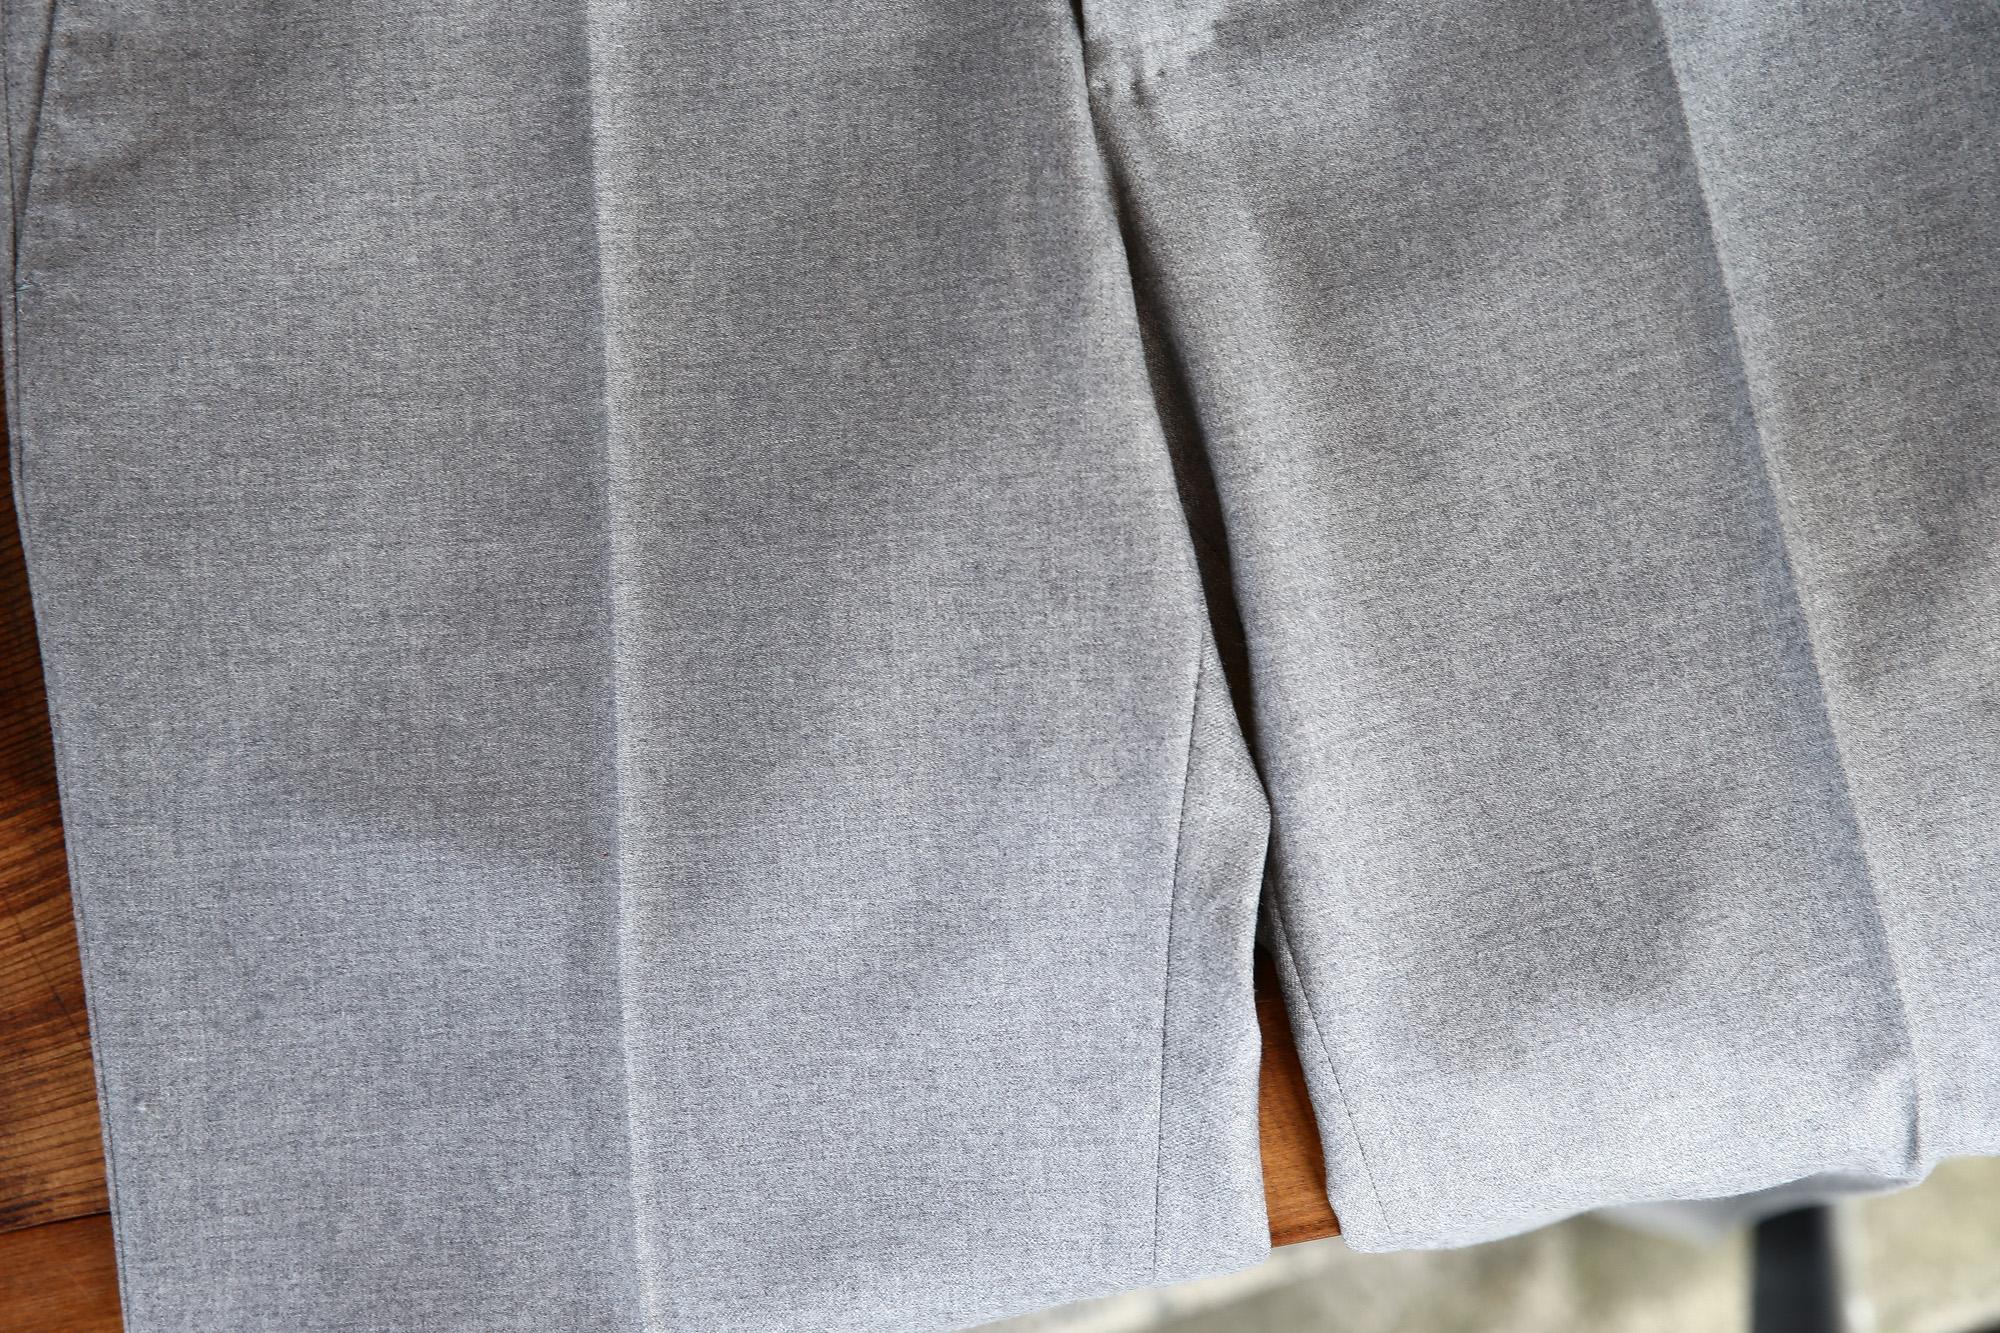 INCOTEX (インコテックス) N35 SLIM FIT (1NT035) S120'S HIGH COMFORT FLANNEL ストレッチ フランネル ウール スラックス GRAY (グレー・900) 2017 秋冬新作 incotex インコテックス スラックス 愛知 名古屋 Alto e Diritto アルト エ デリット グレスラ